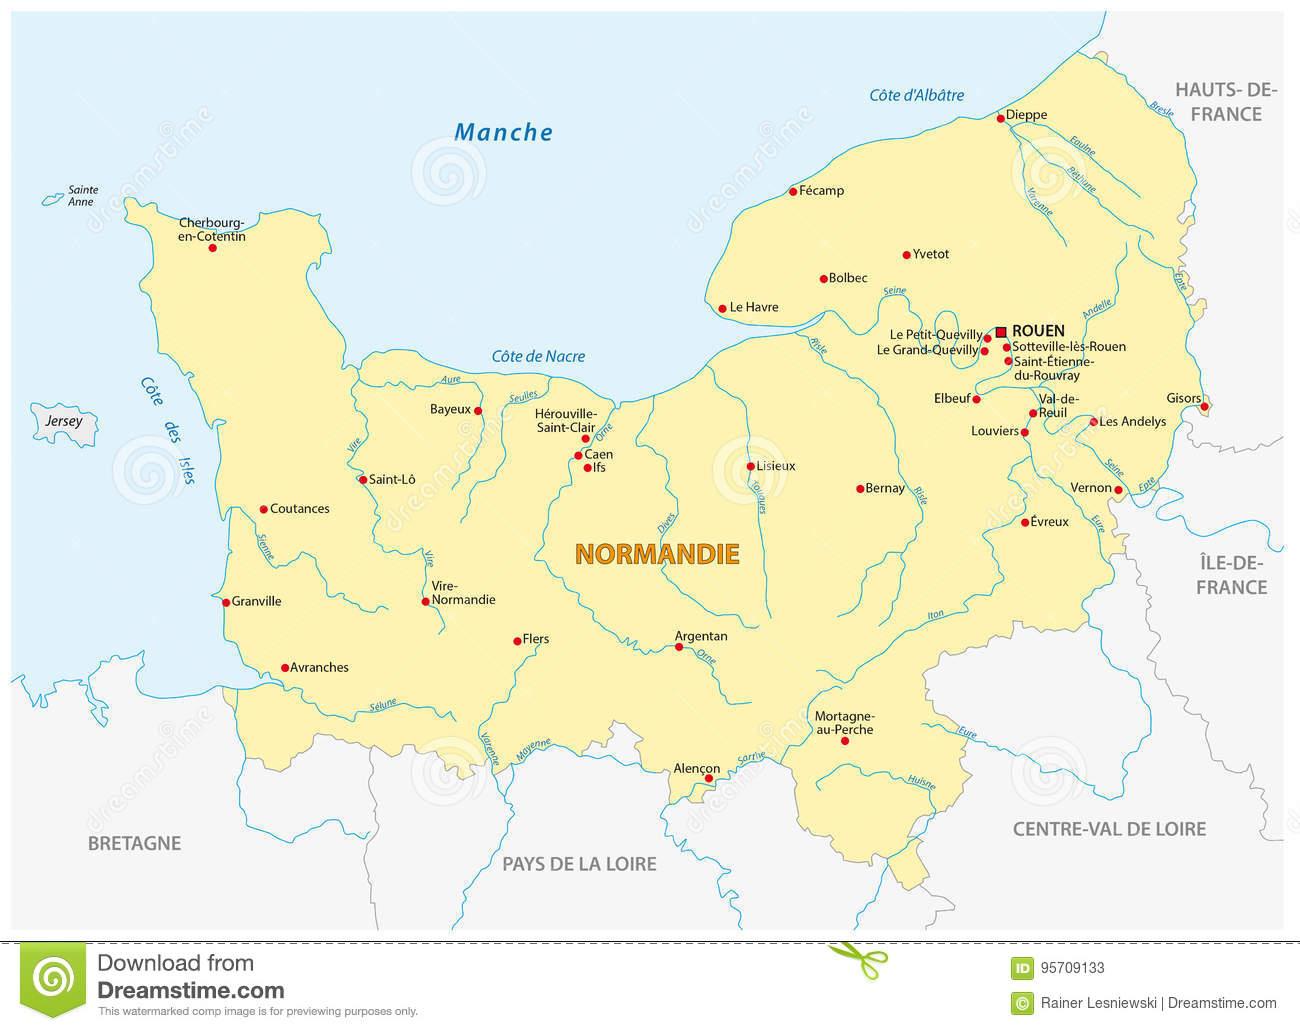 Carte De La Nouvelle Région Française De La Normandie Dans dedans Carte Nouvelle Région France